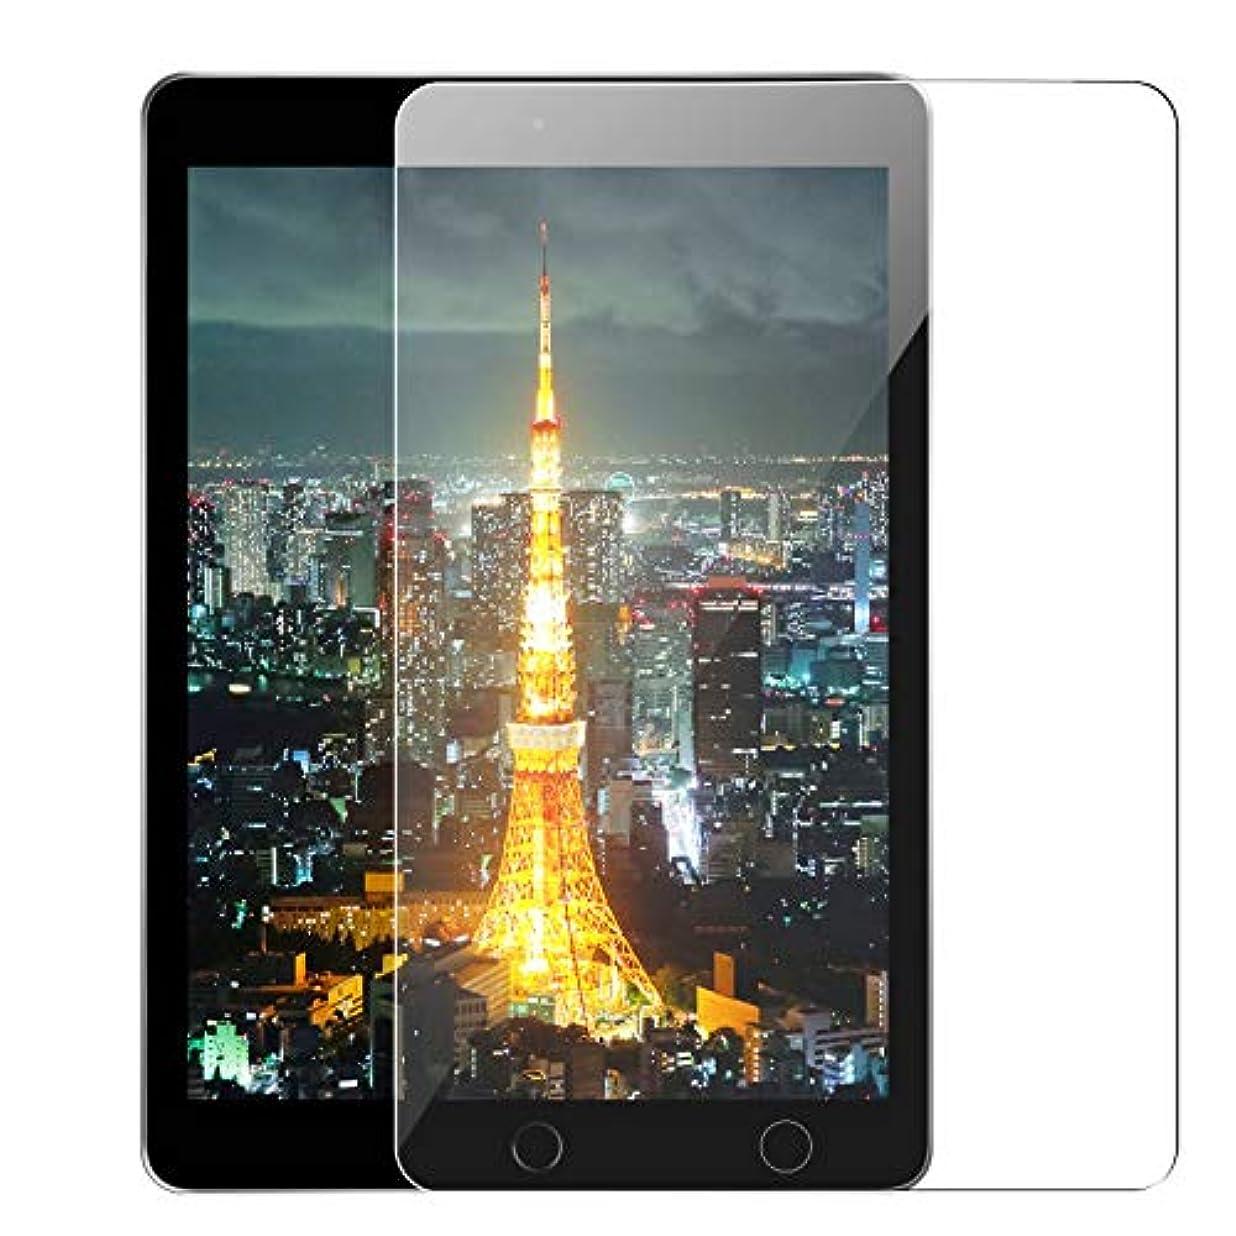 オペレーターチャーミング上ZEAKOC iPad 9.7 ガラスフィルム(2018/2017 新型)/Air2/Air/iPad pro 9.7インチ用 2.5D強化ガラス液晶保護フィルム 旭硝子製 高透過率 気泡ゼロ 飛散防止 硬度9H 極薄0.33mm